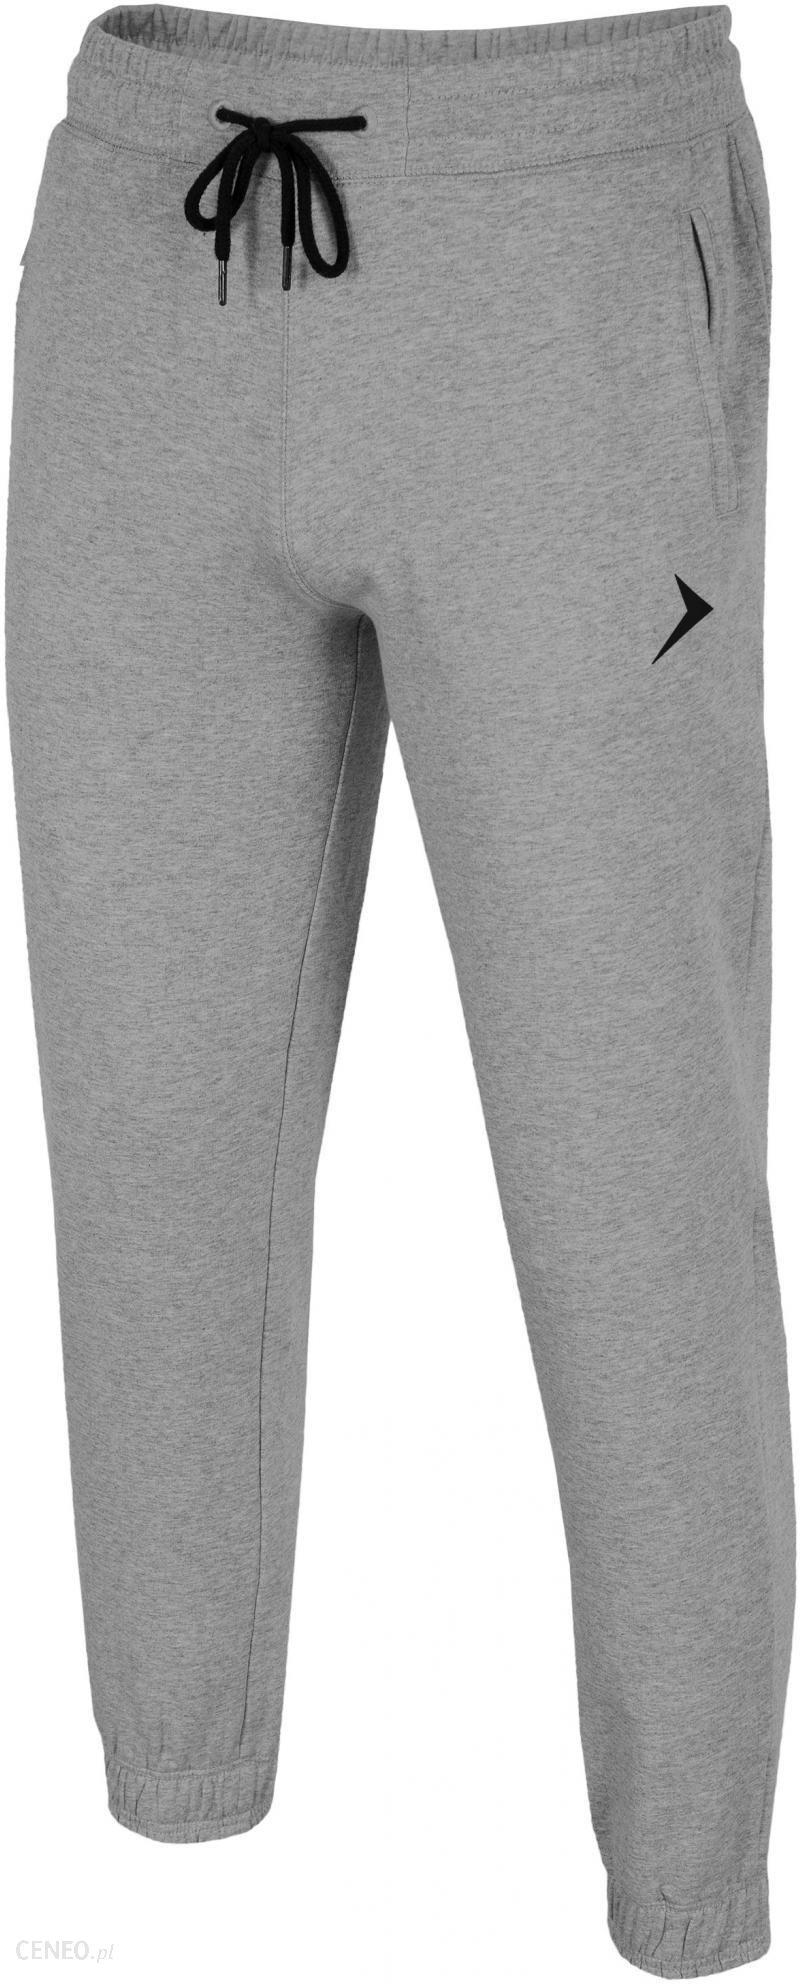 5a1a0ea5d8e9c Outhorn spodnie dresowe SMPD601 jasny szary melanż L - Ceny i opinie ...